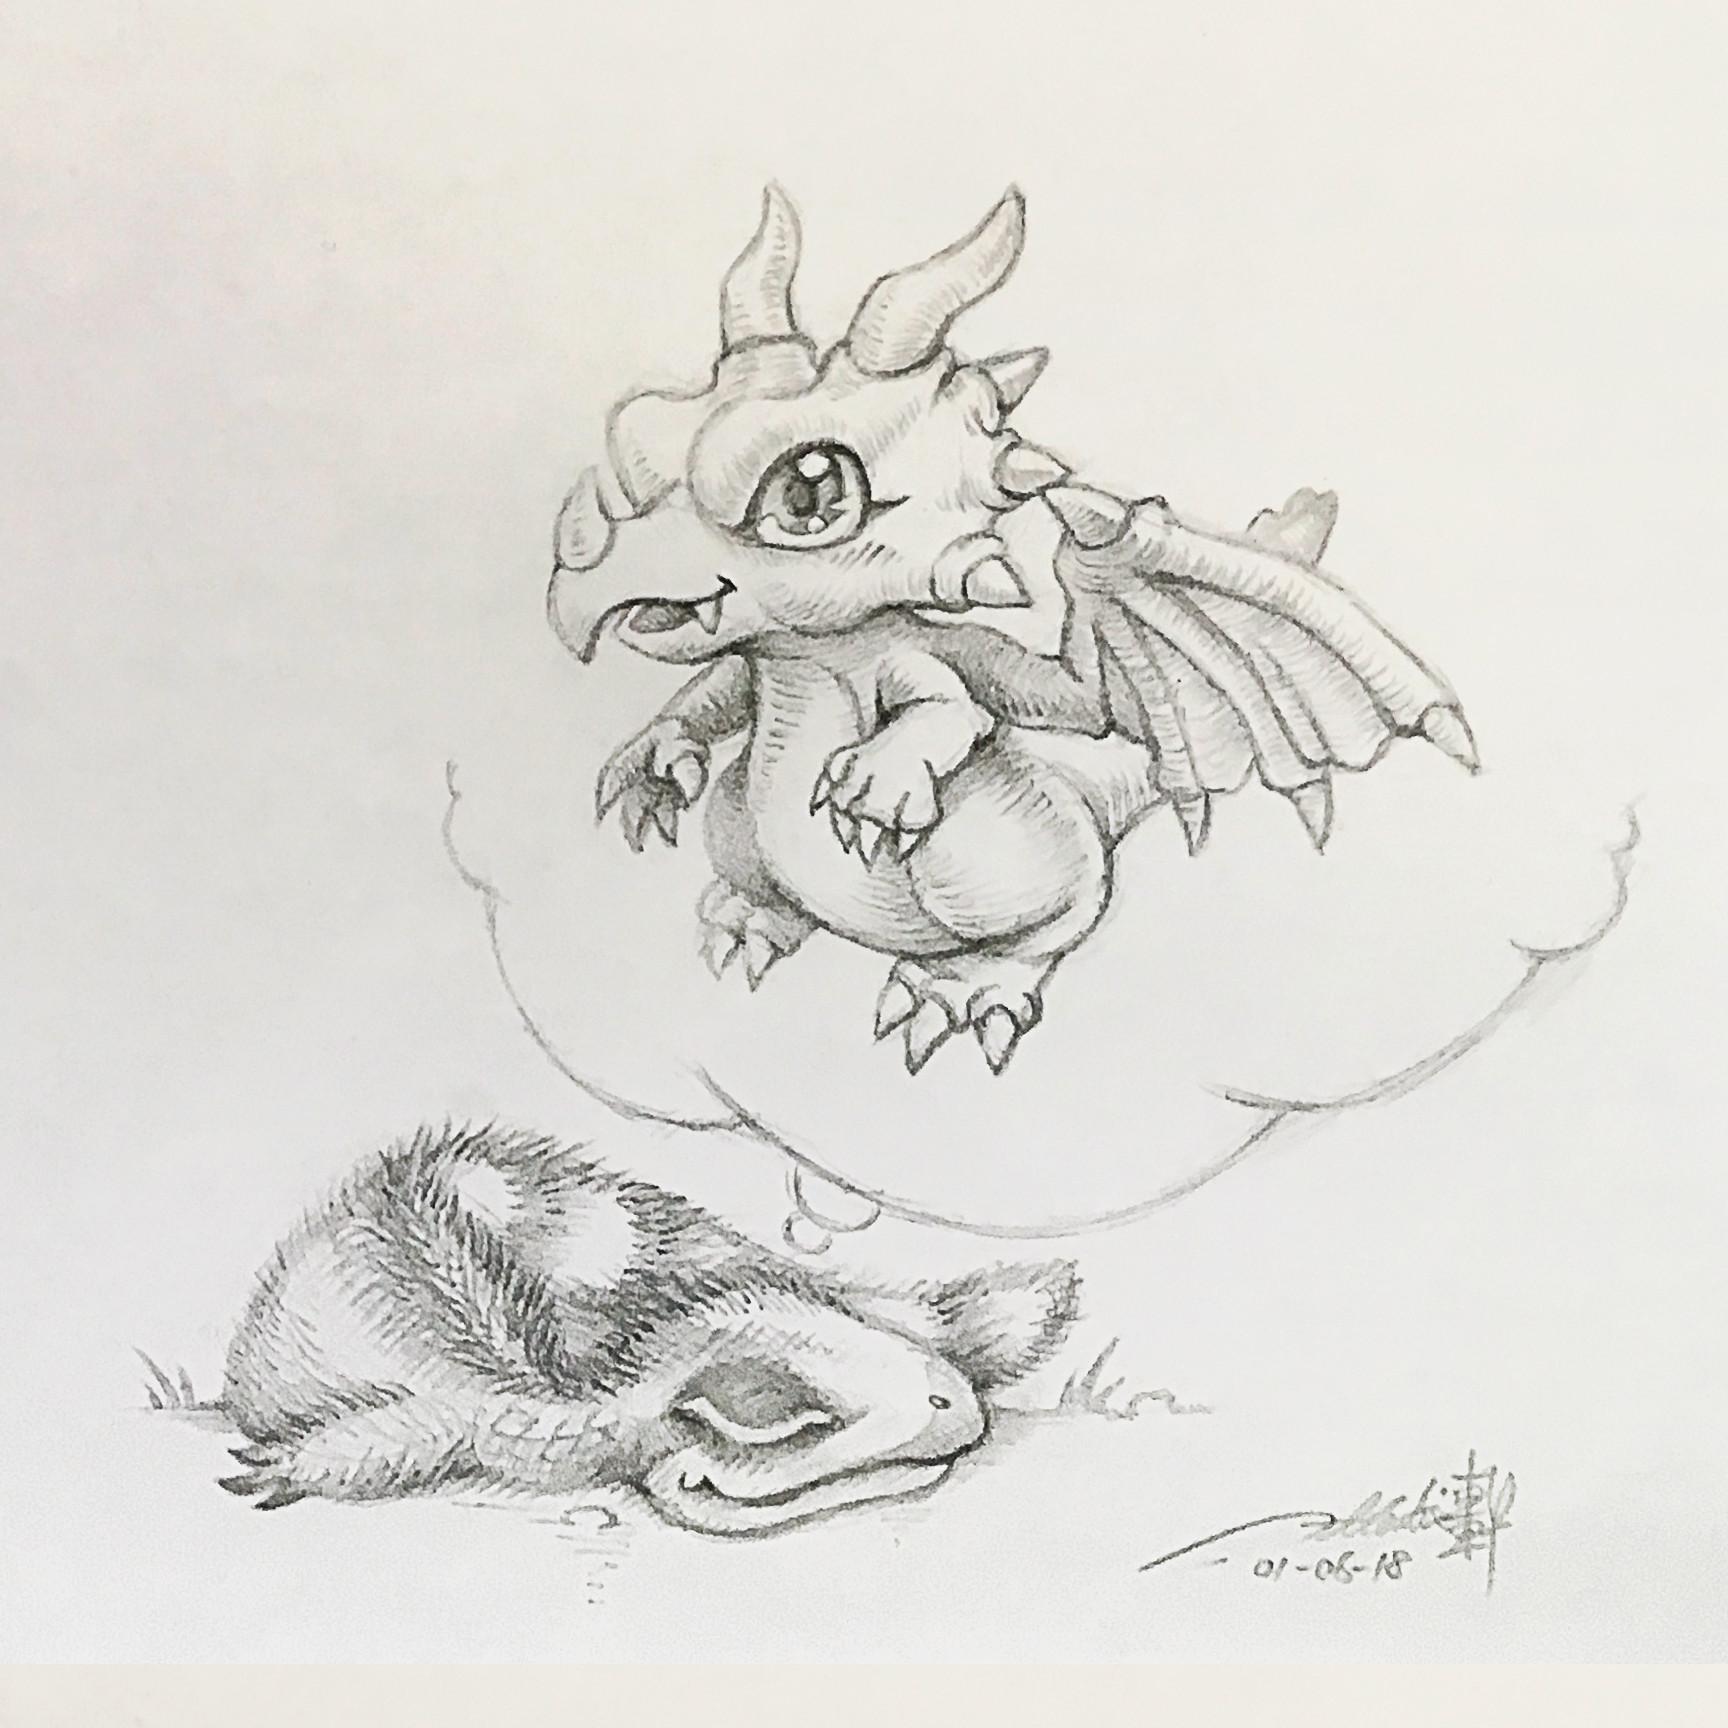 E lynx sinosauropteryx dragon